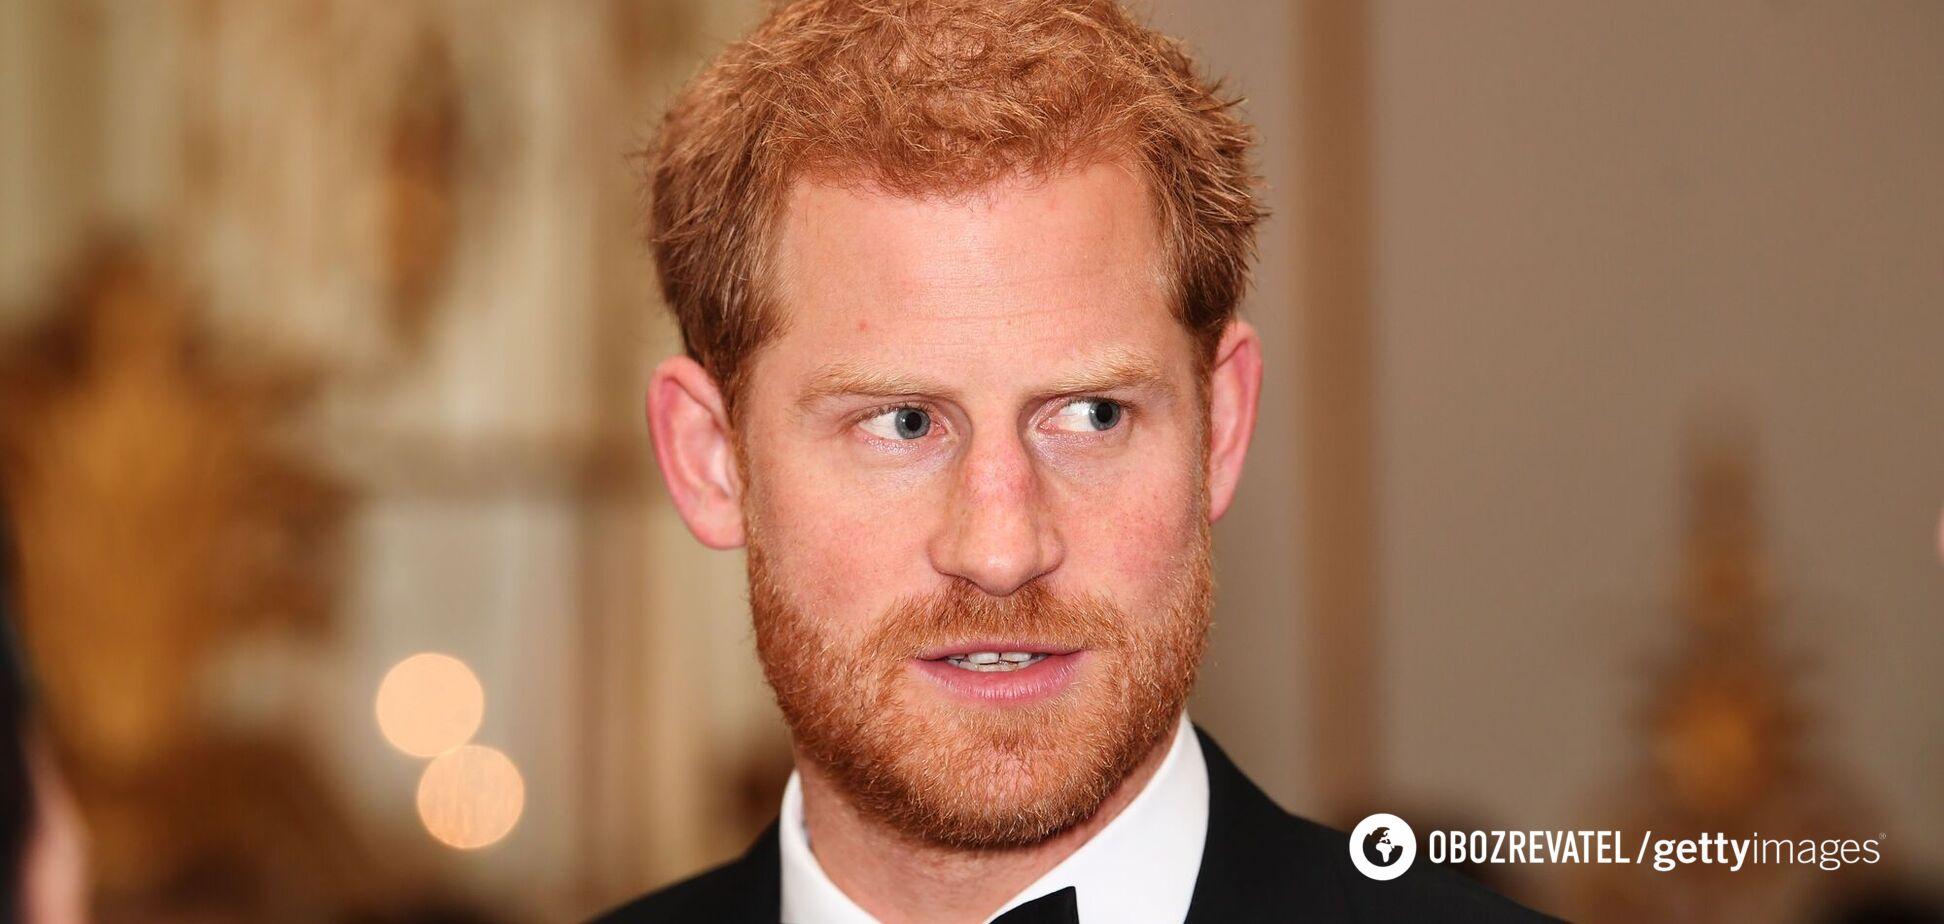 Принца Гарри обвинили в 'злоупотреблениидоверием'